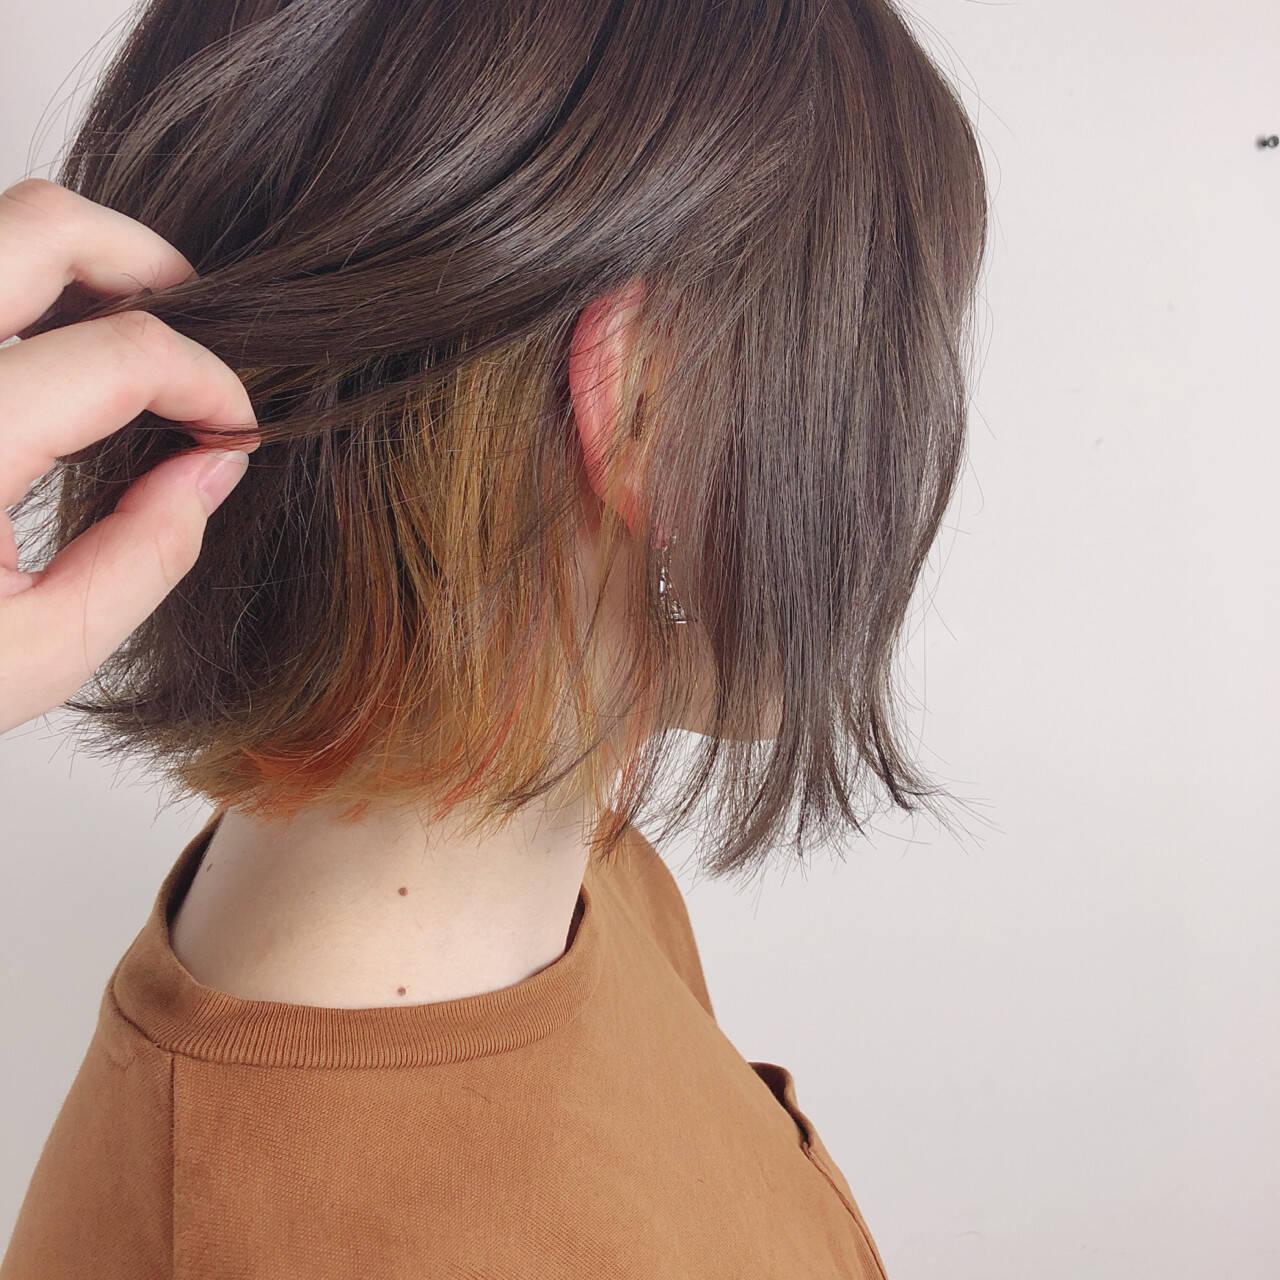 オレンジ ボブ イエロー カールヘアスタイルや髪型の写真・画像